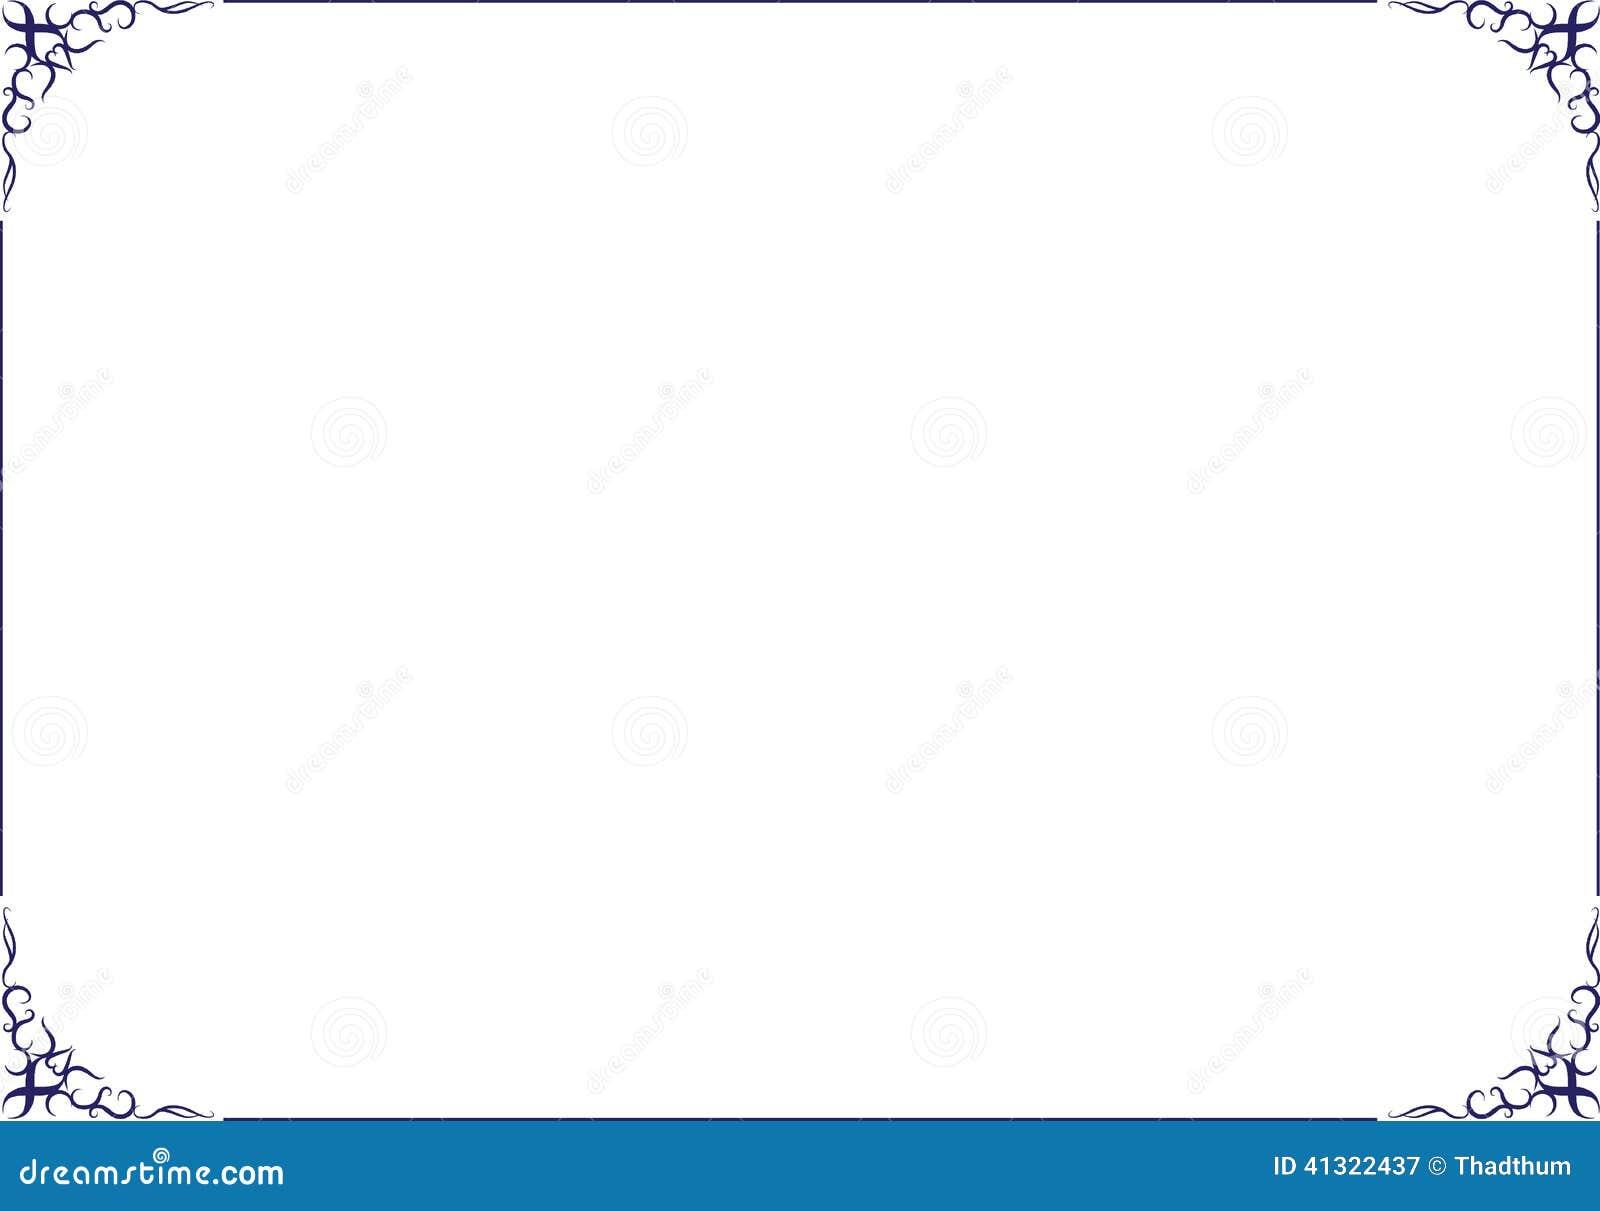 Vektor-Rahmen Und Grenzverzierung Vektor Abbildung - Illustration ...